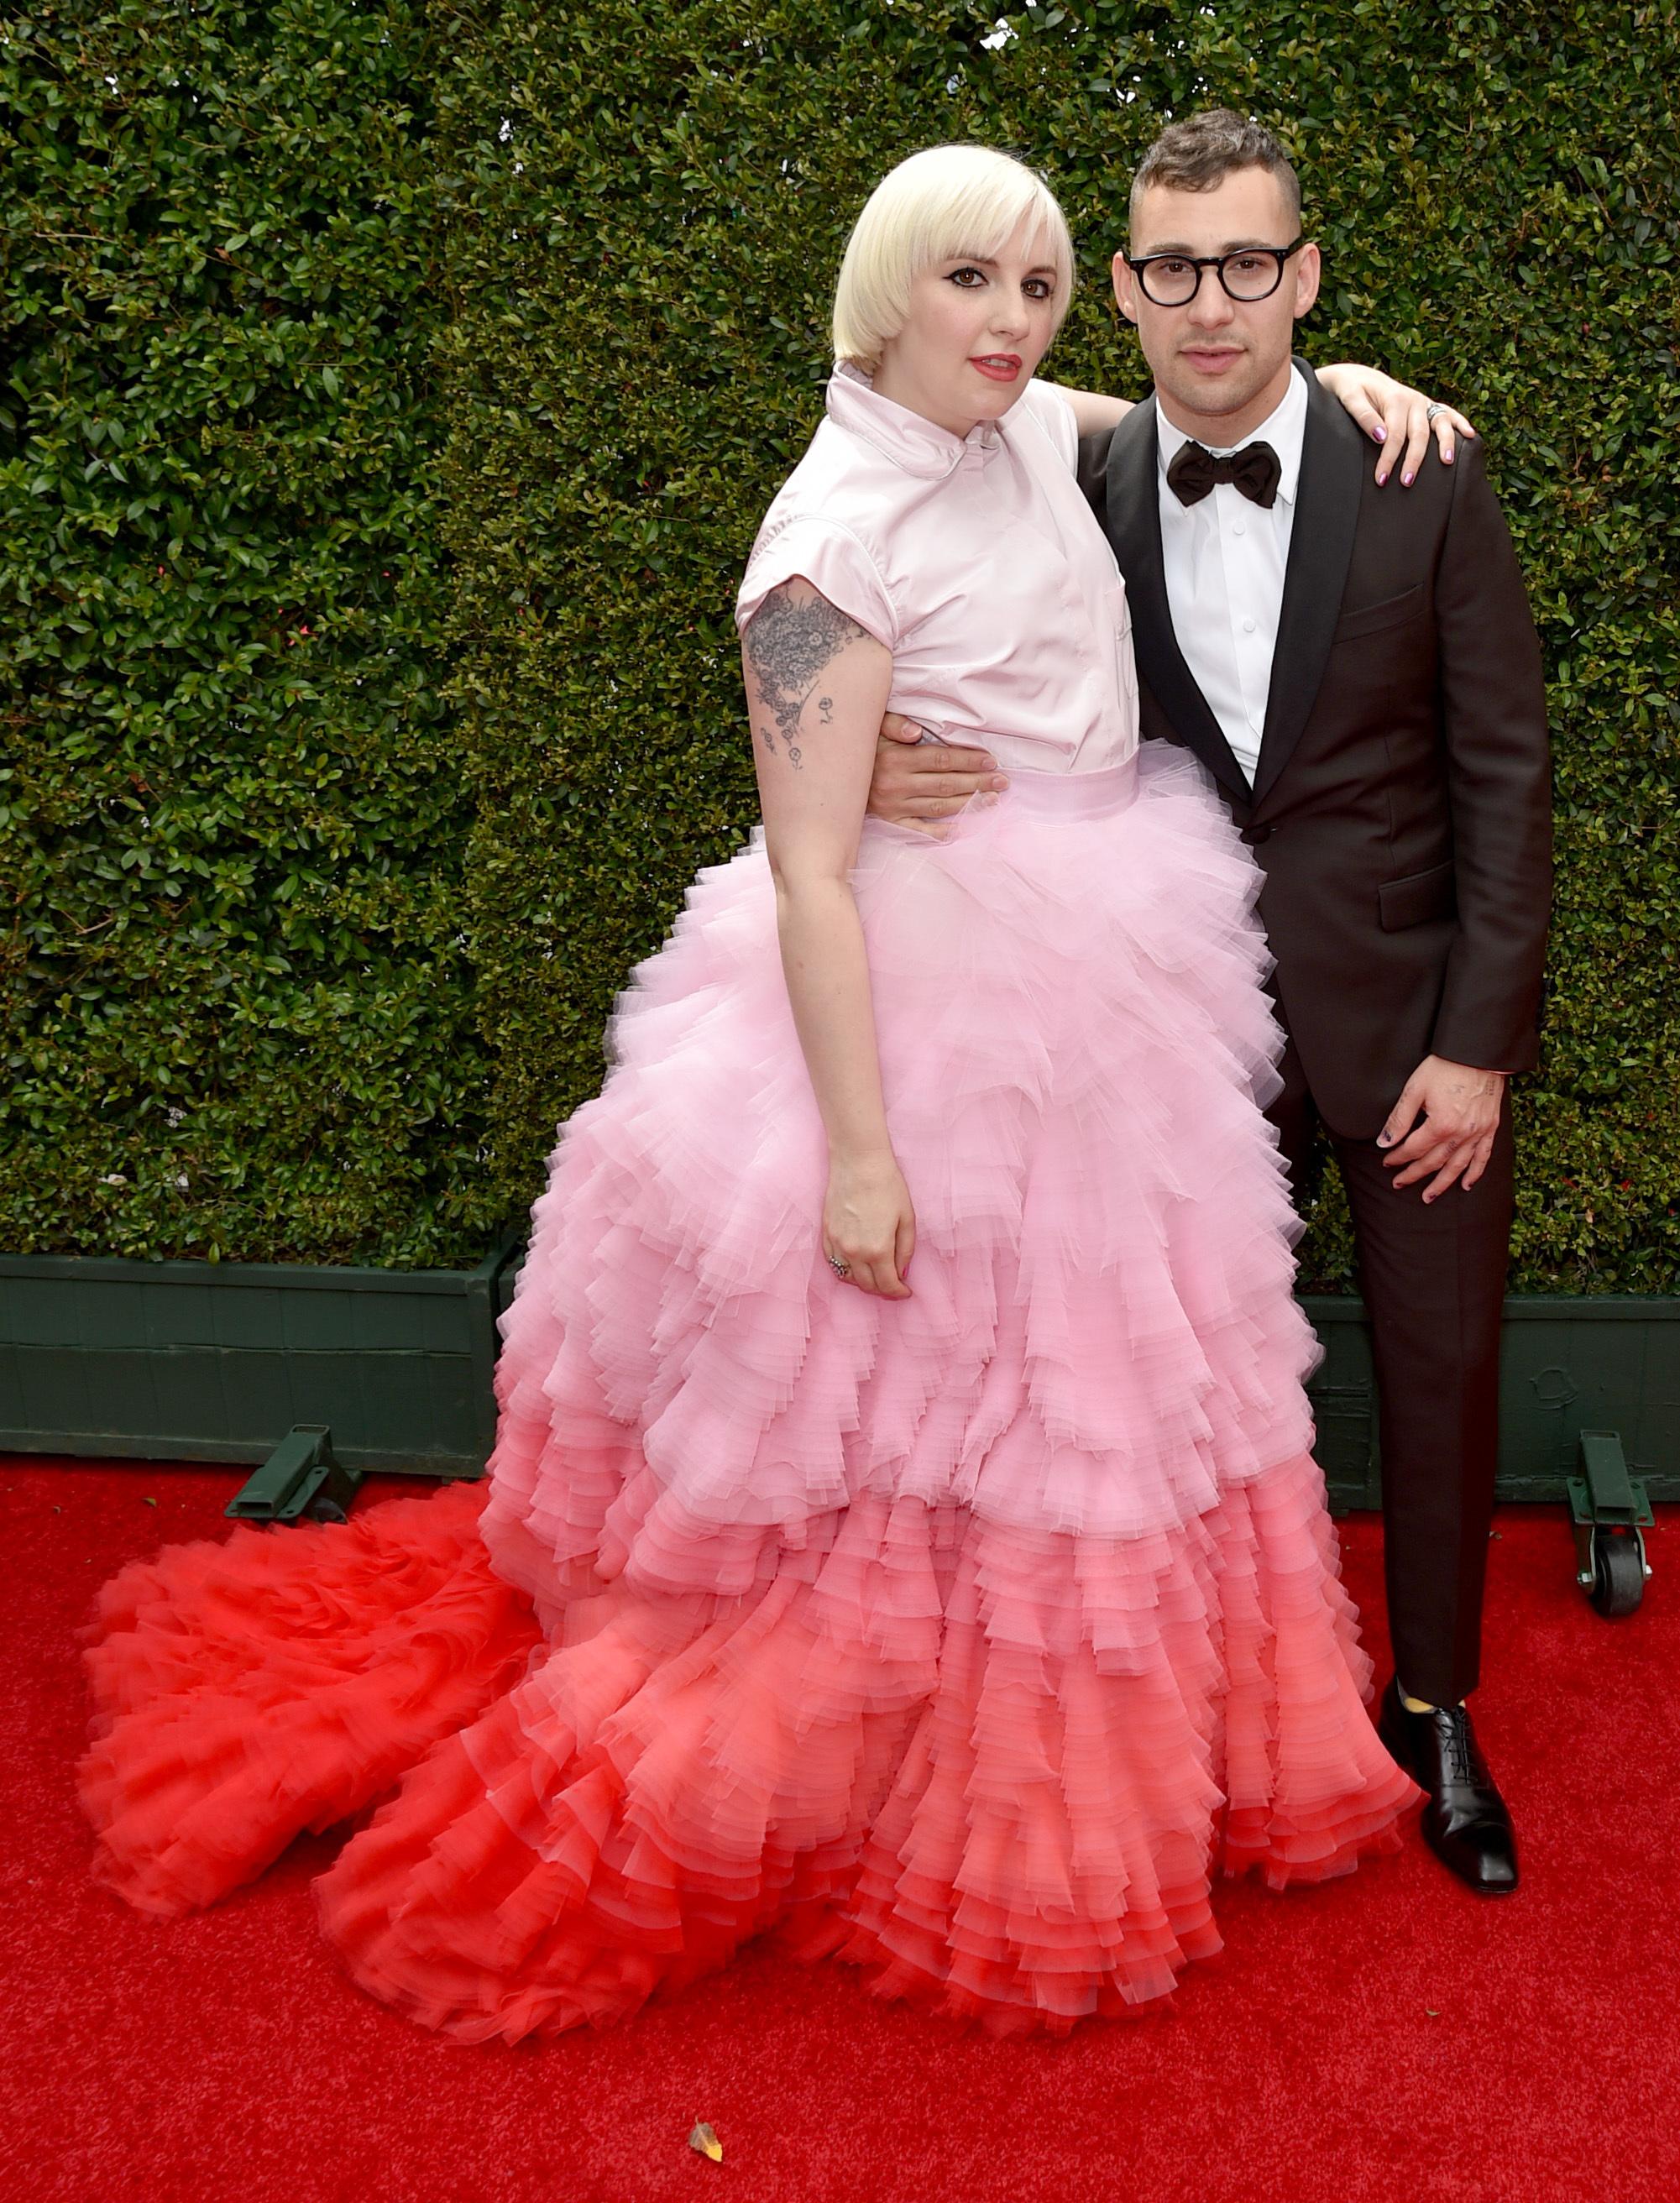 lena dunham pink dress jack antonoff